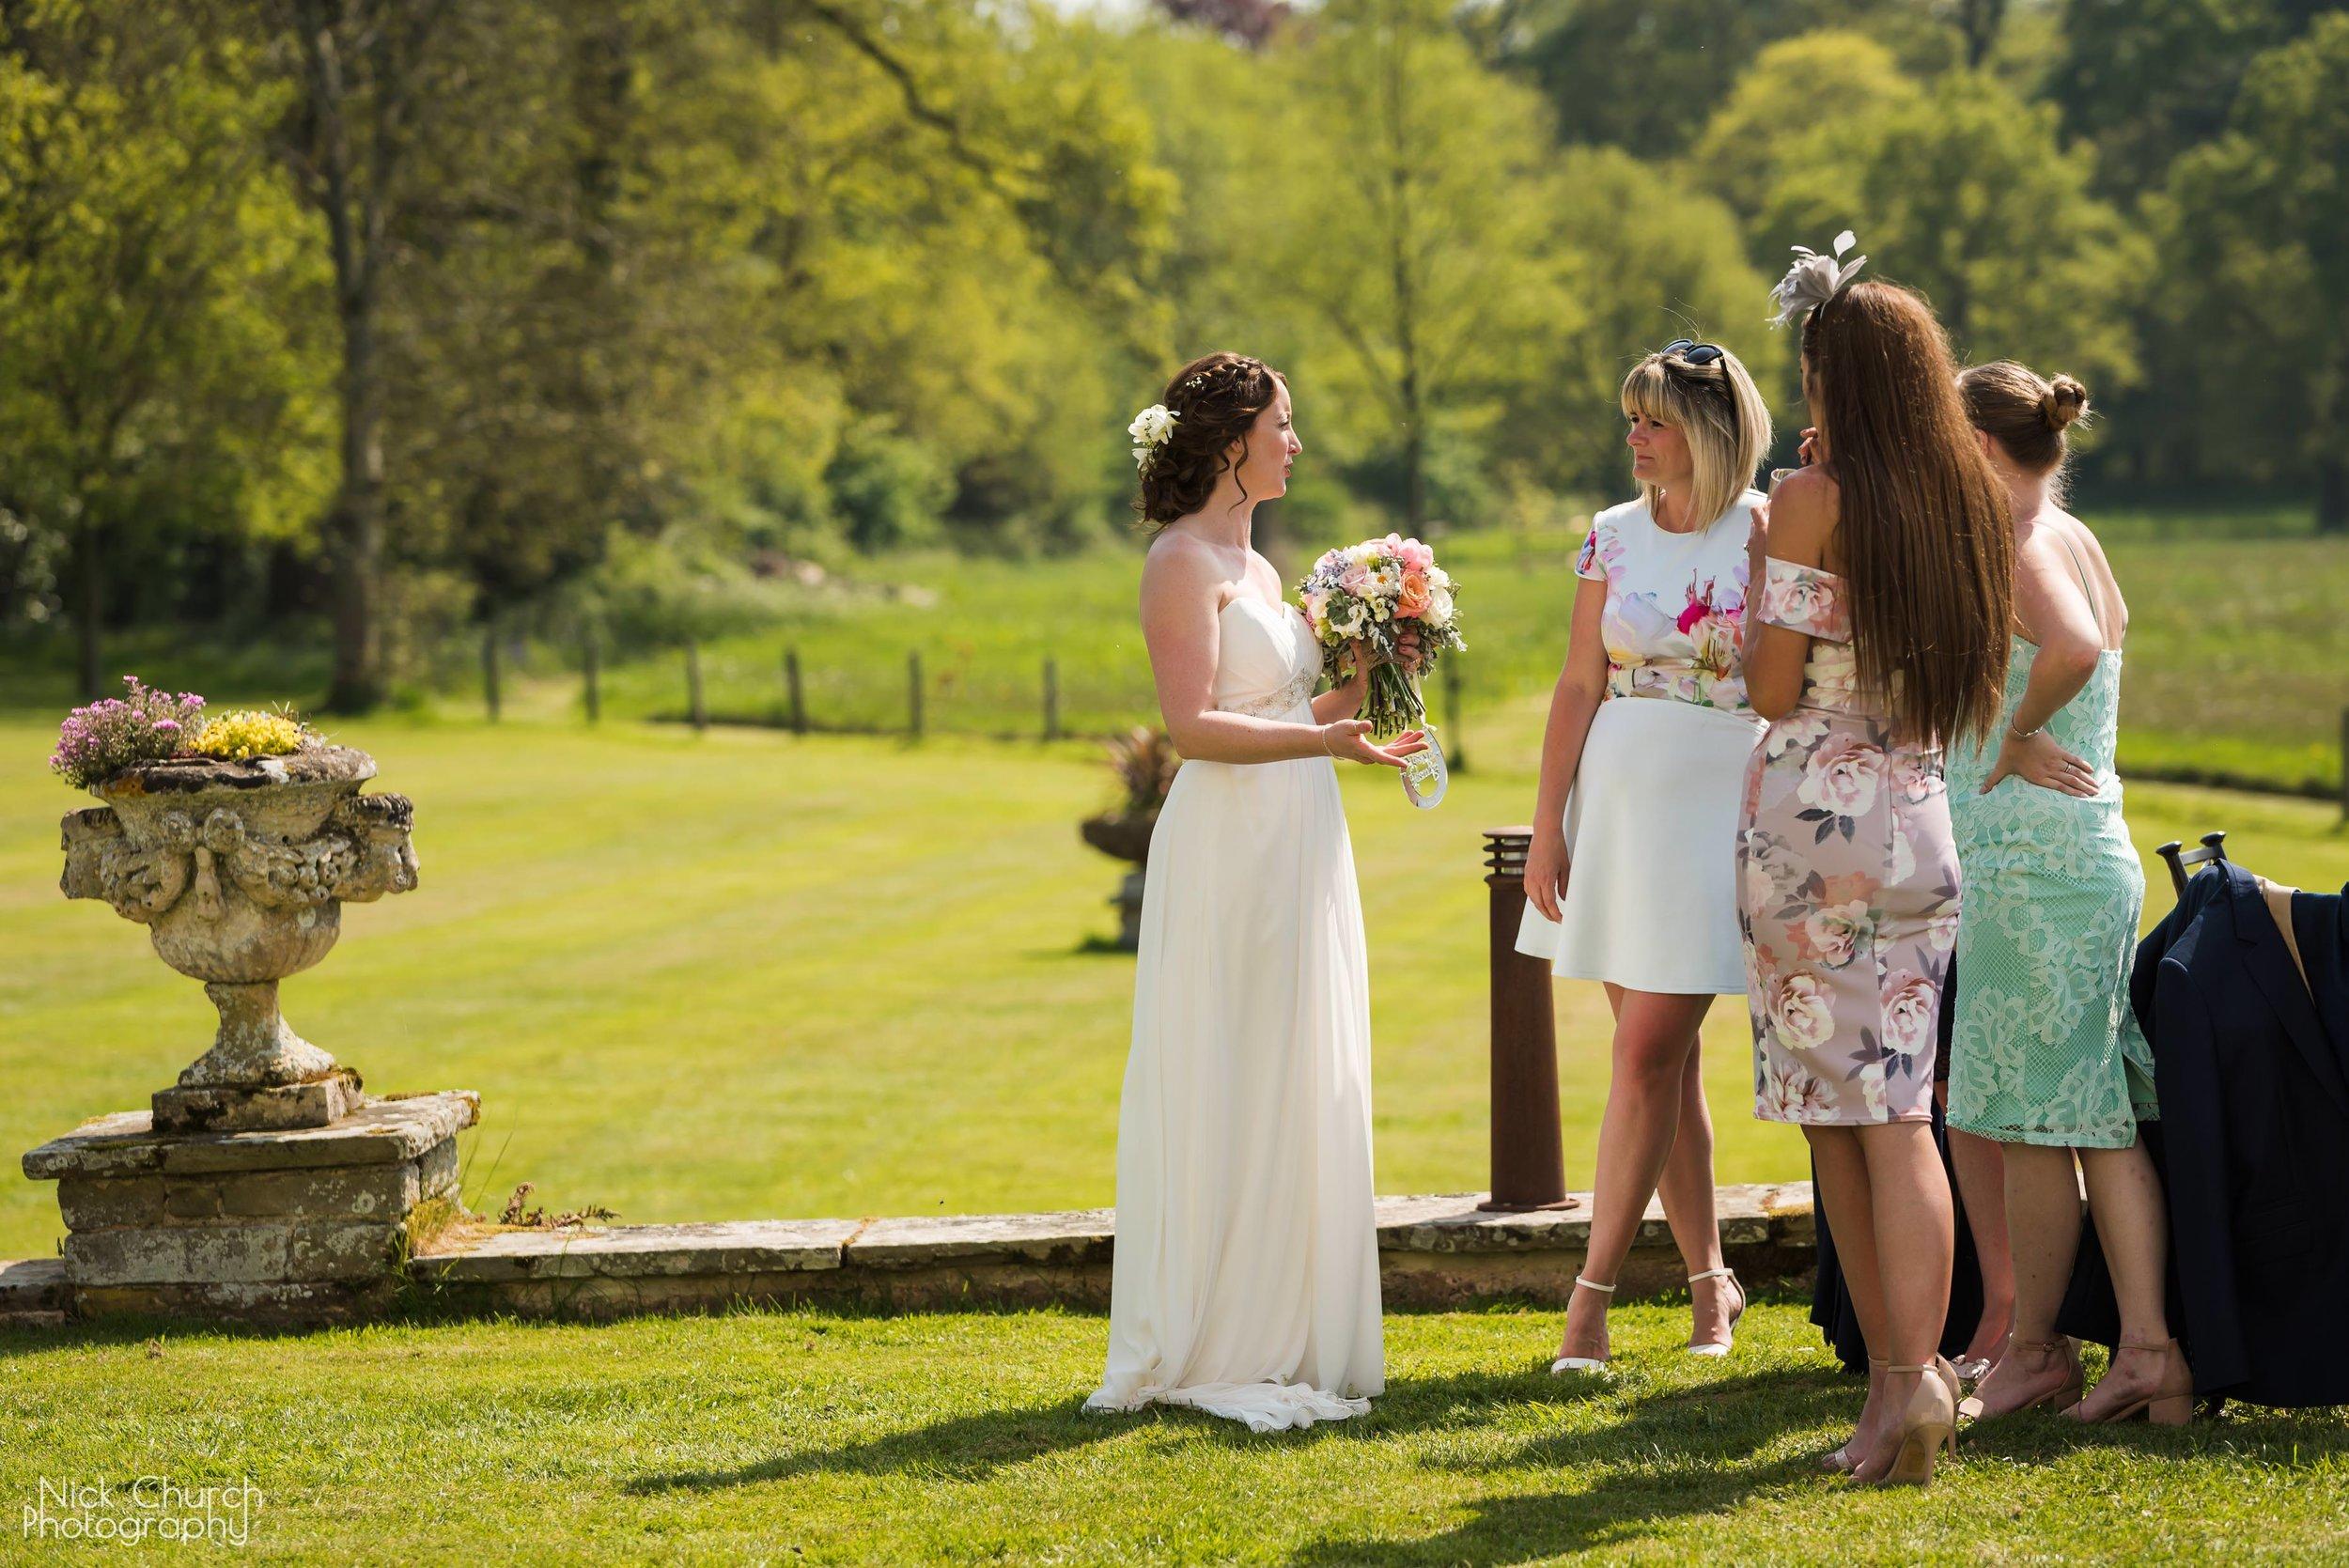 NC-2018-05-07-joanna-and-steve-wedding-2233.jpg